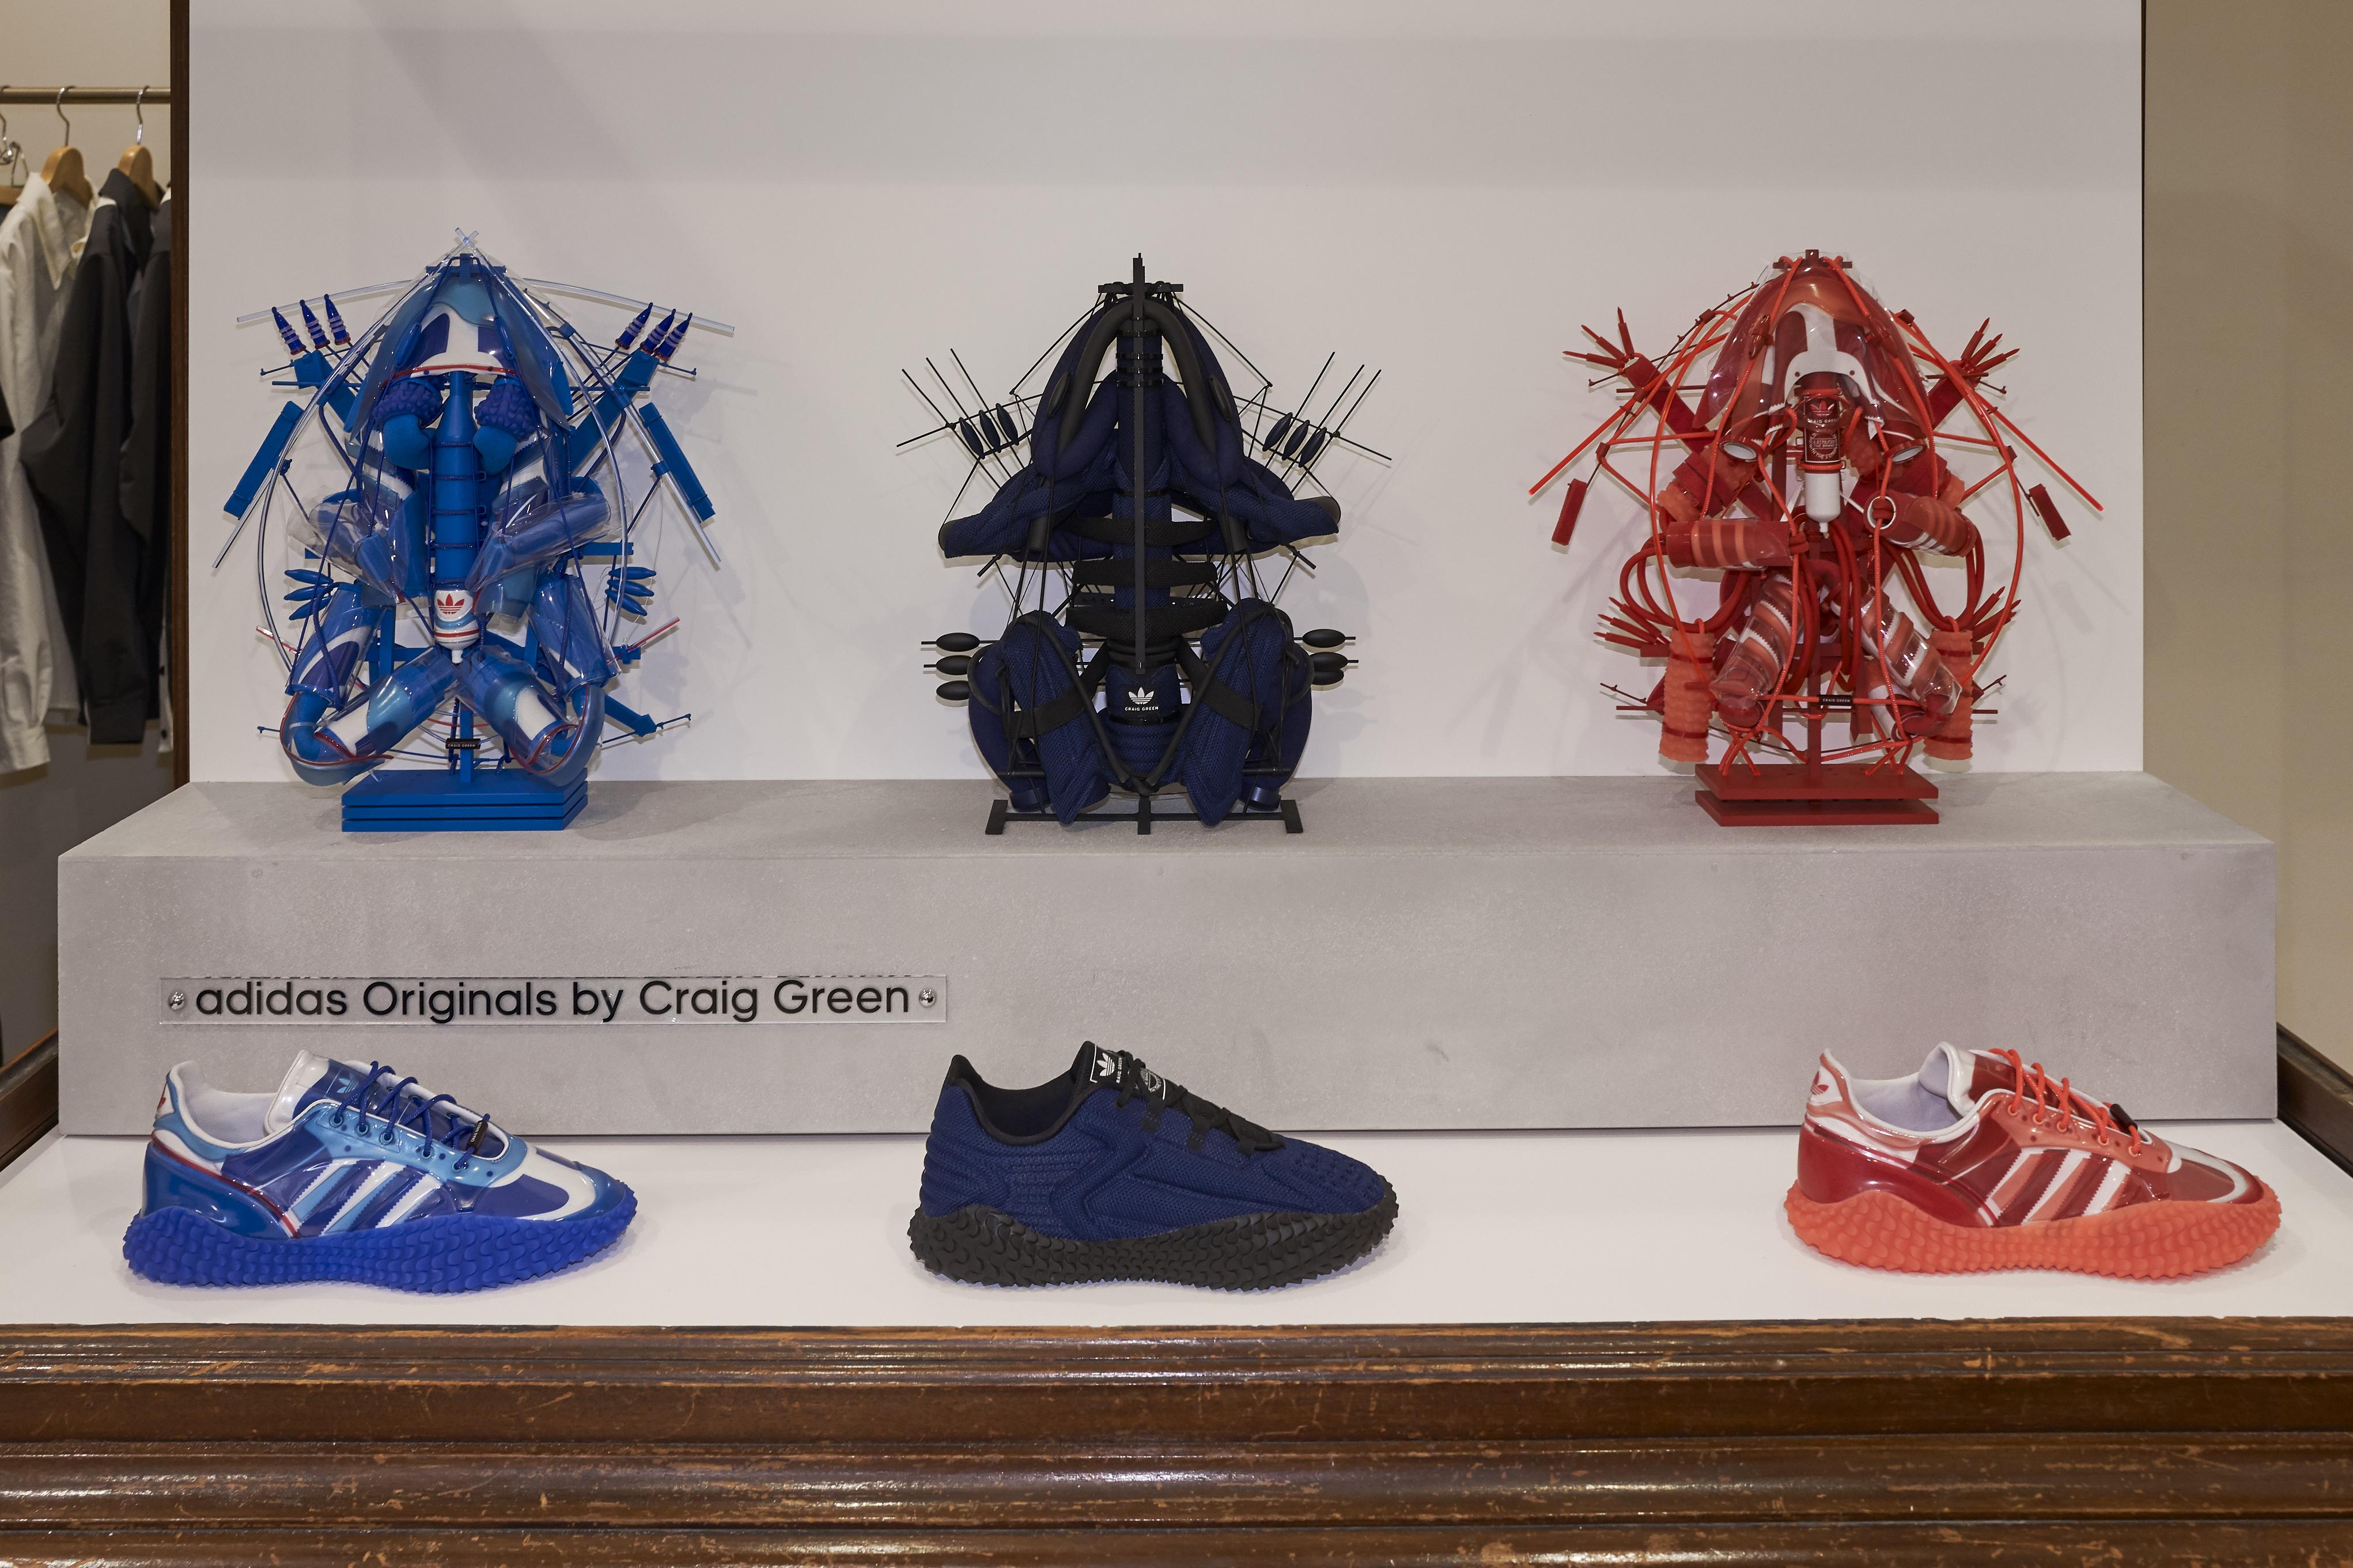 Craig Green Fetes Adidas Originals